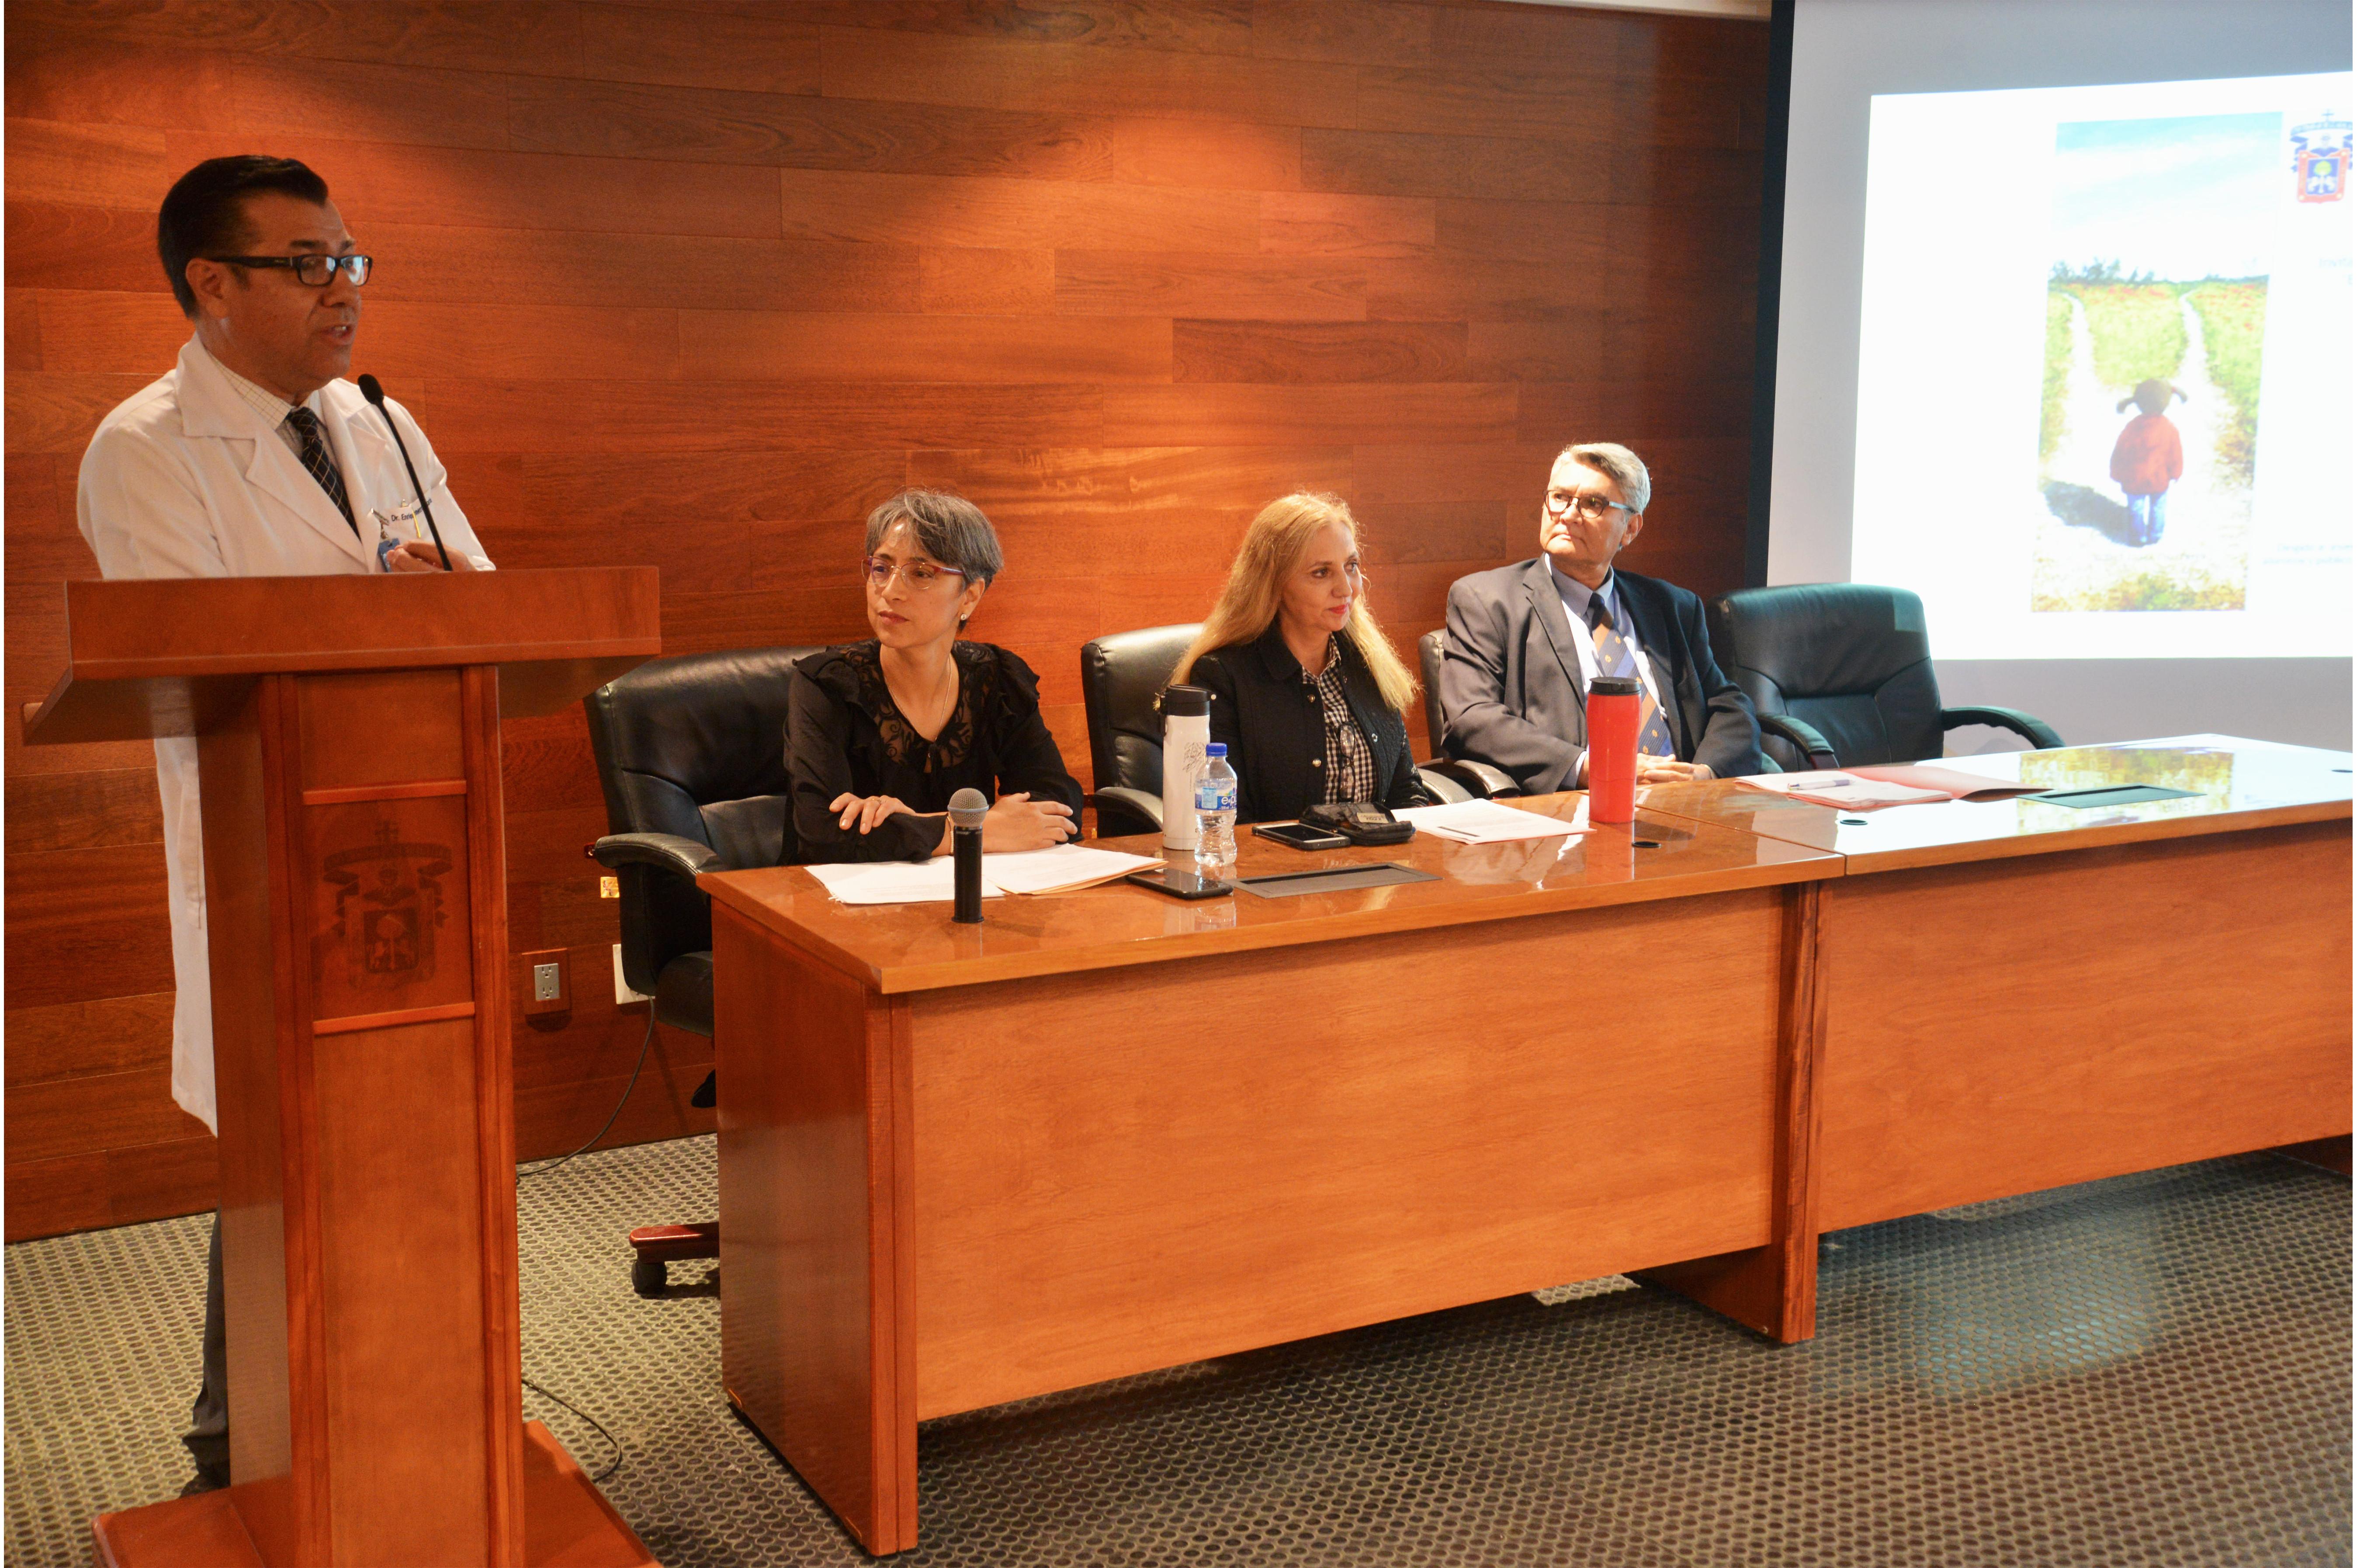 Dr. Enrique Velarde ofreciendo conferencia y miembros del presídium